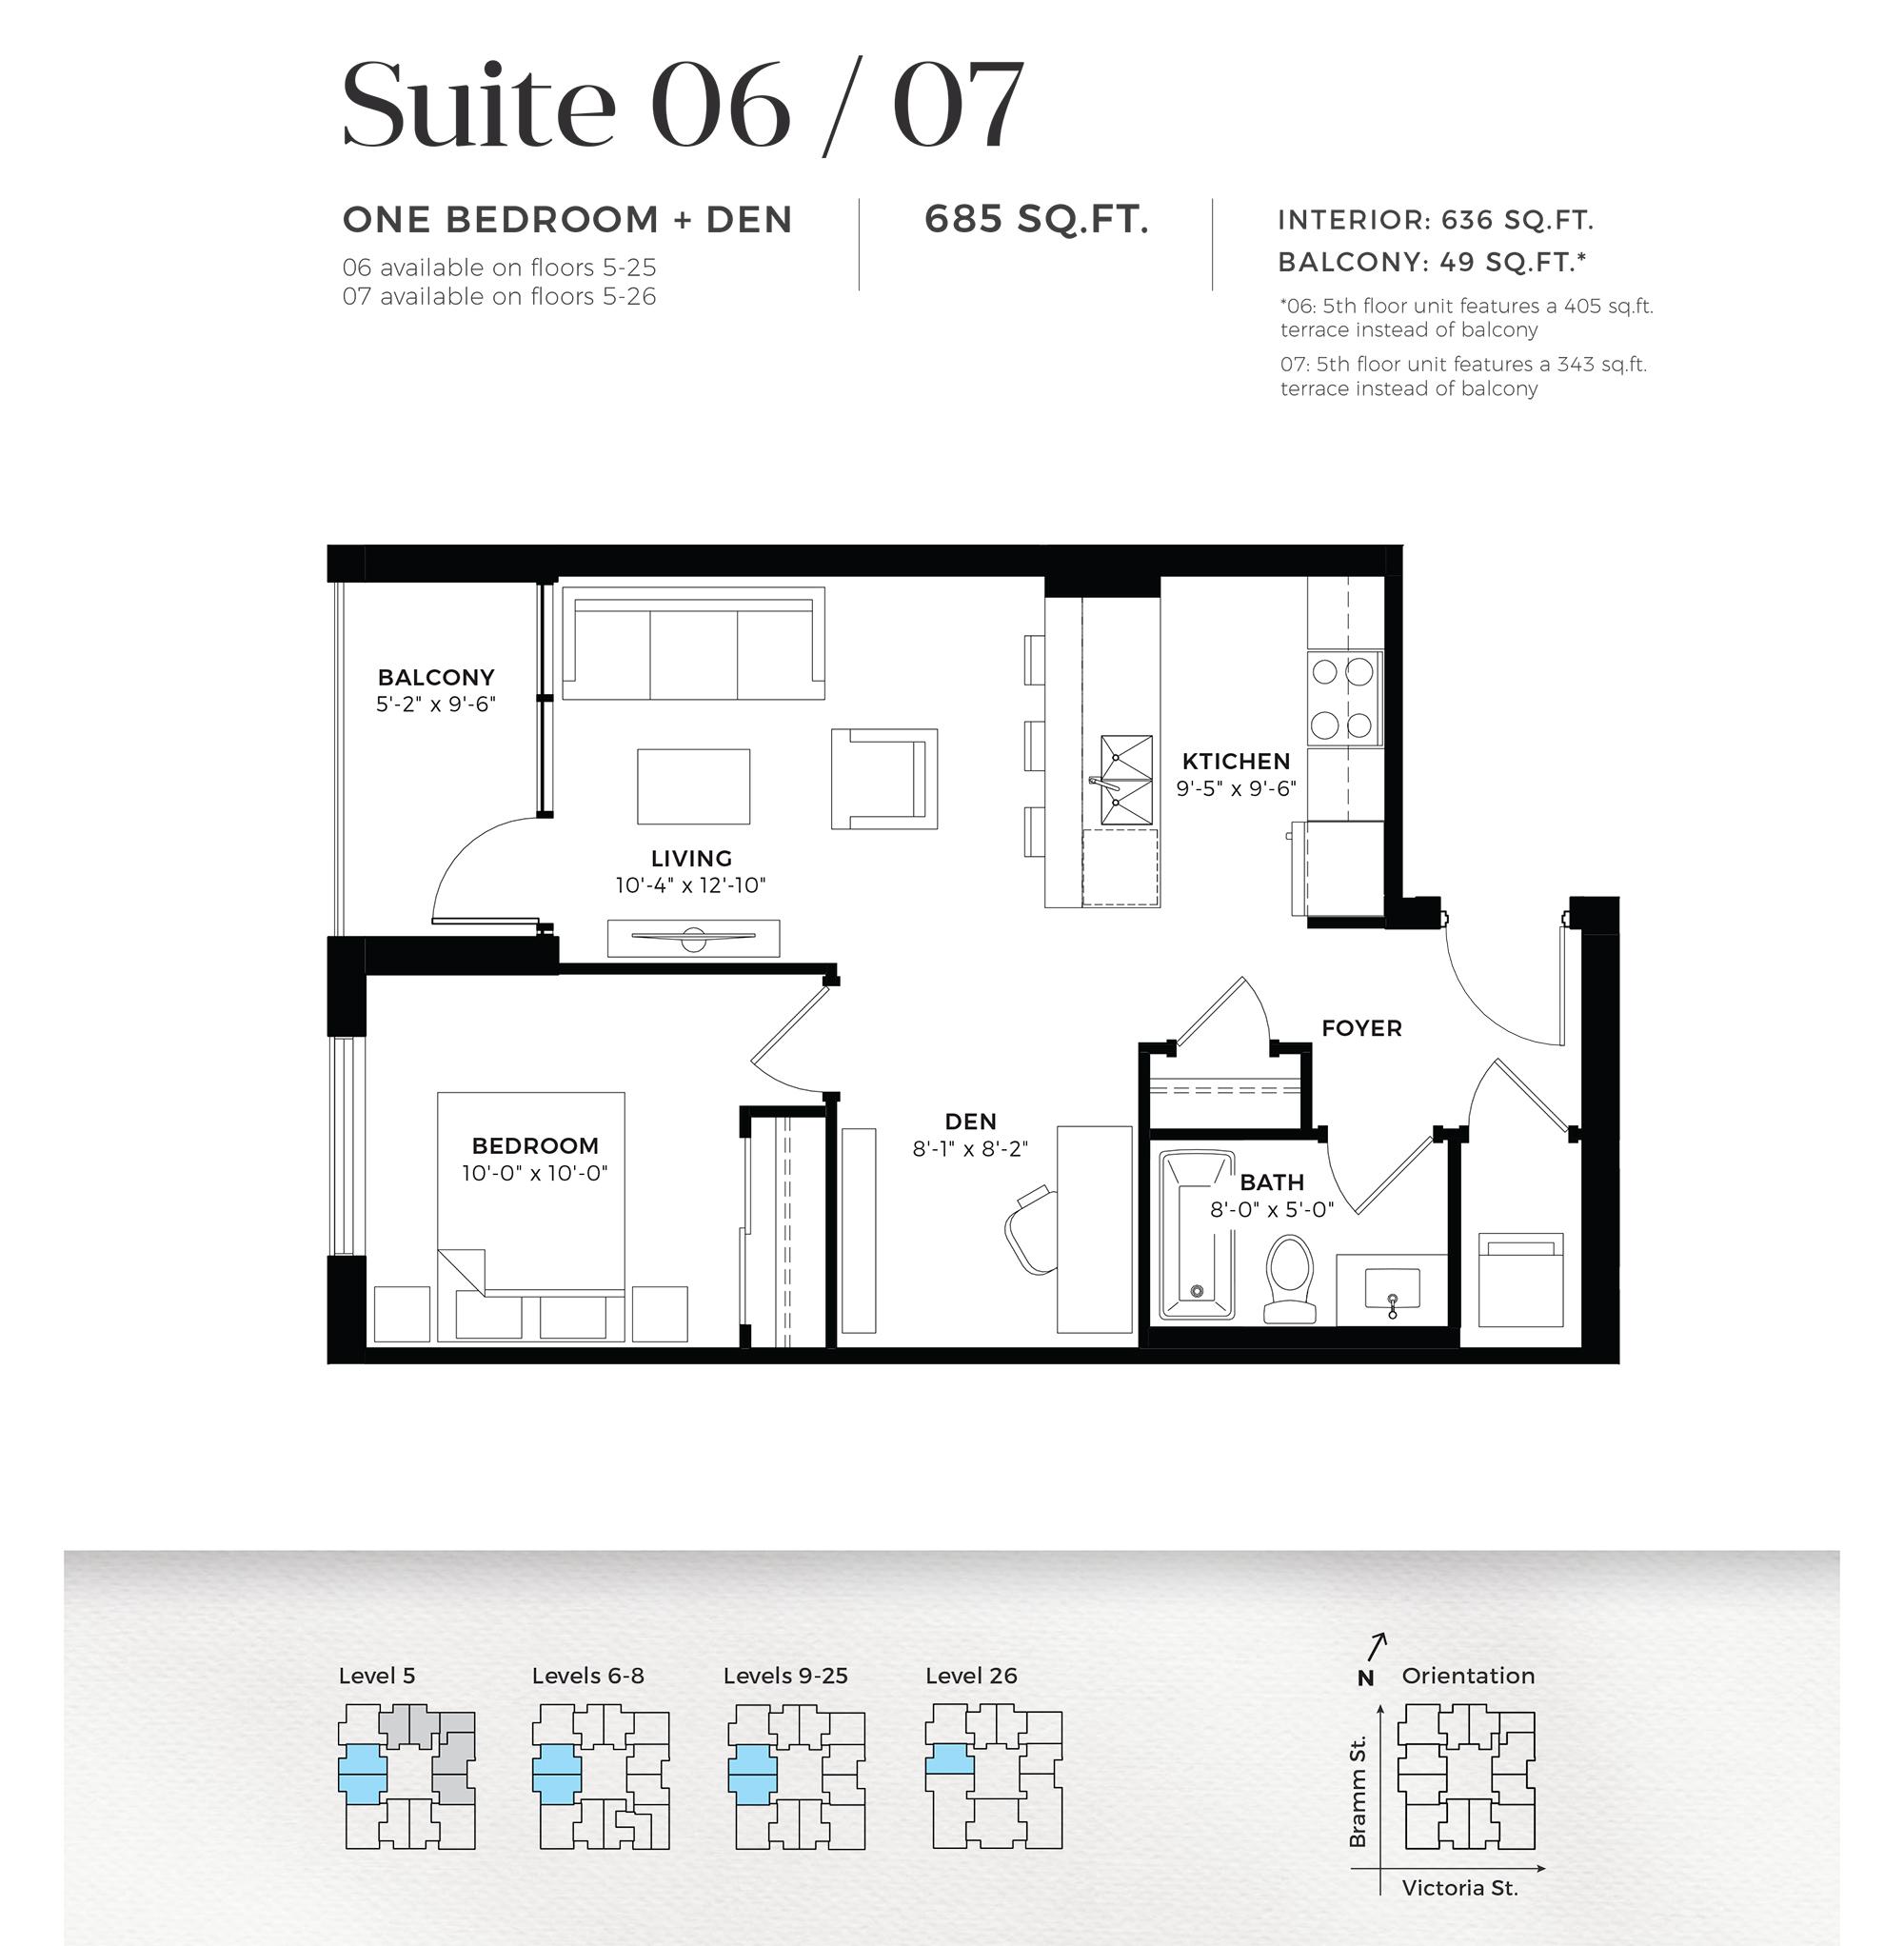 Suite 06 / 07